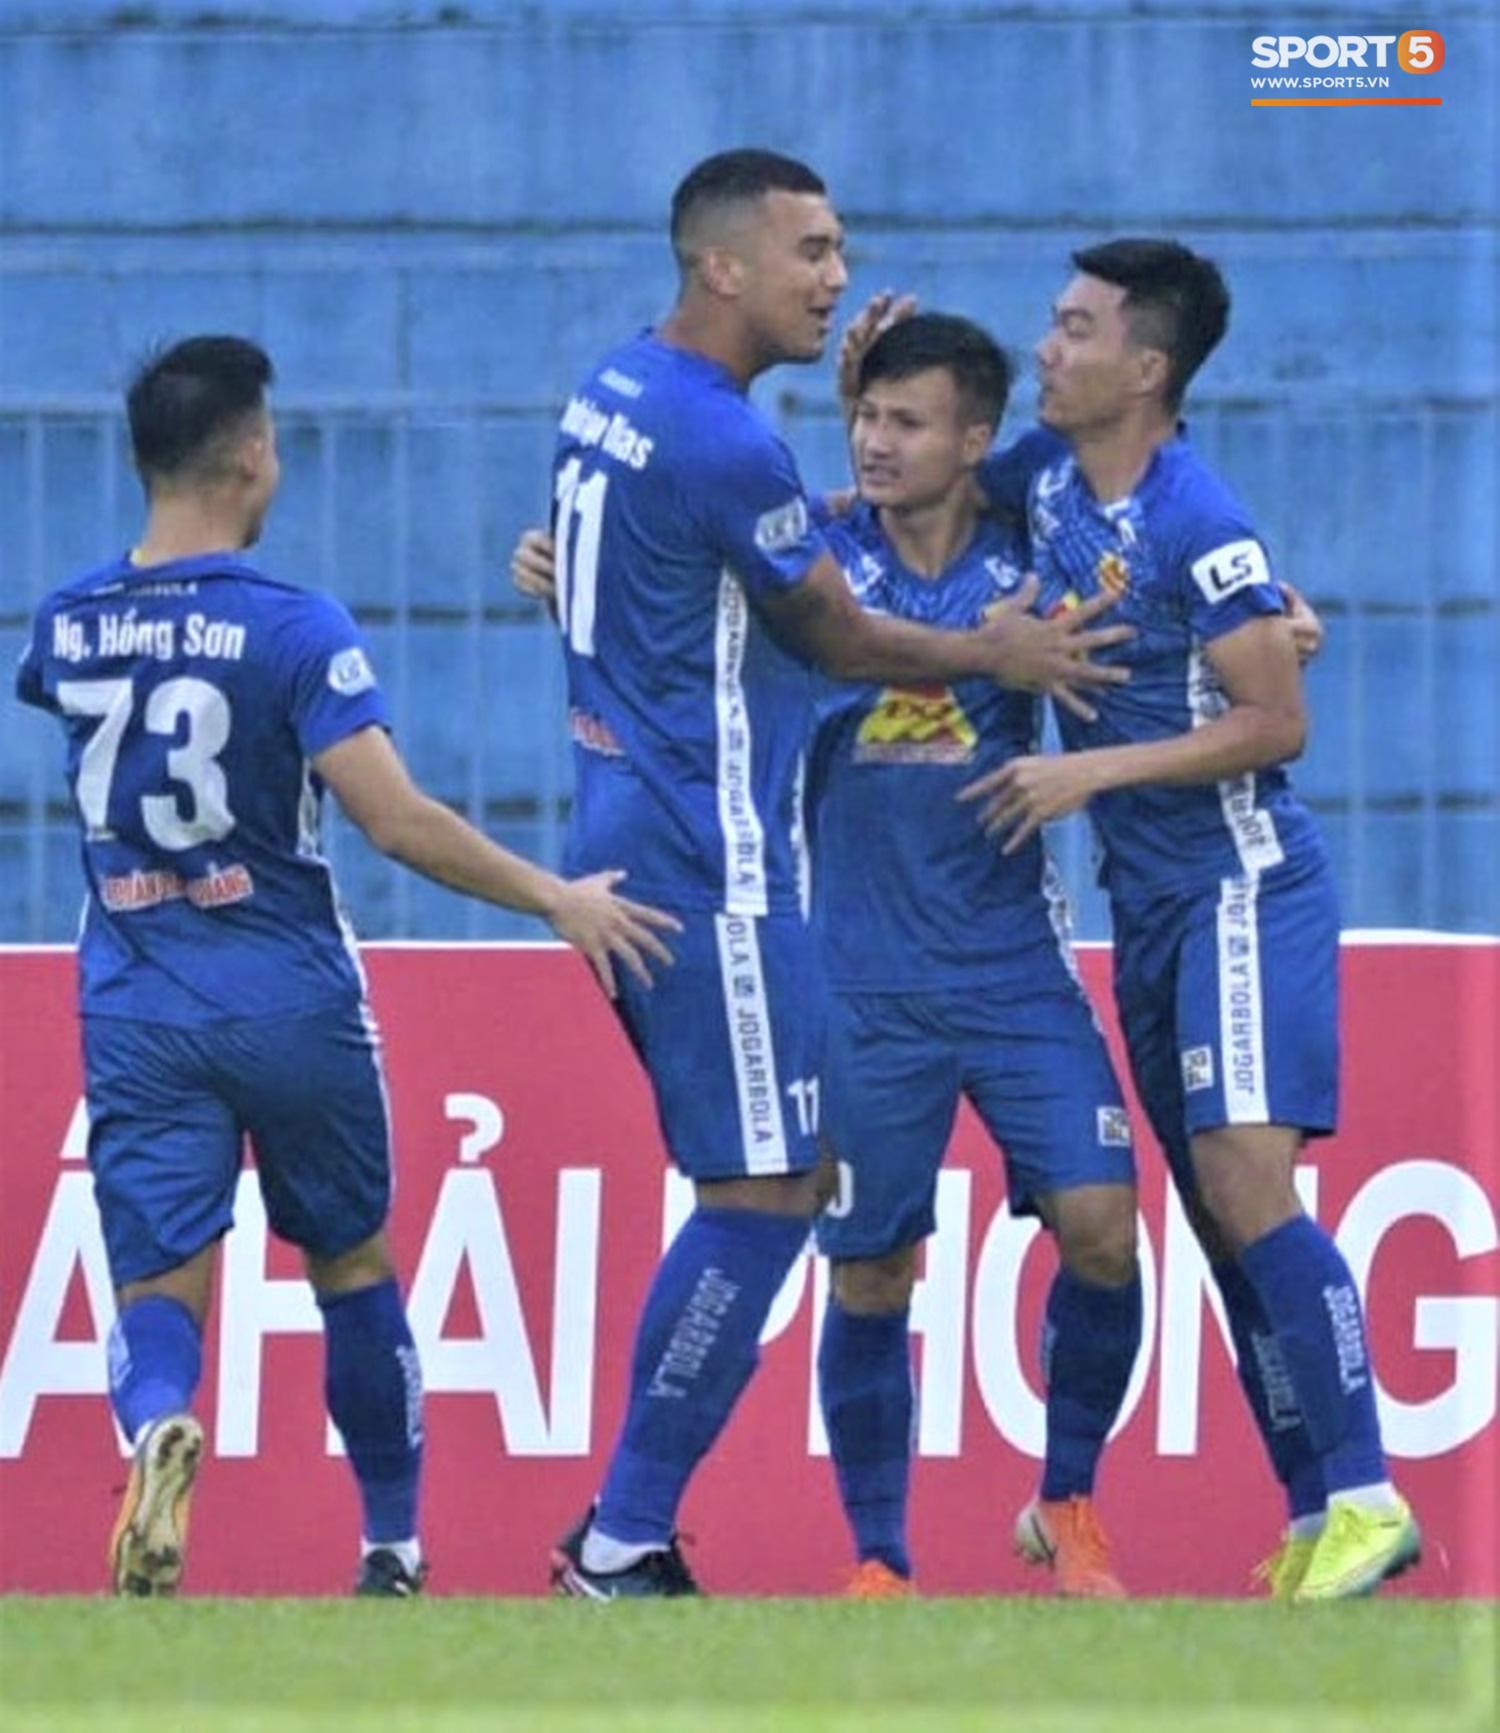 Cầu thủ Quảng Nam bật khóc, gục ngã khi phải rời giải đấu xịn nhất Việt Nam - Ảnh 7.